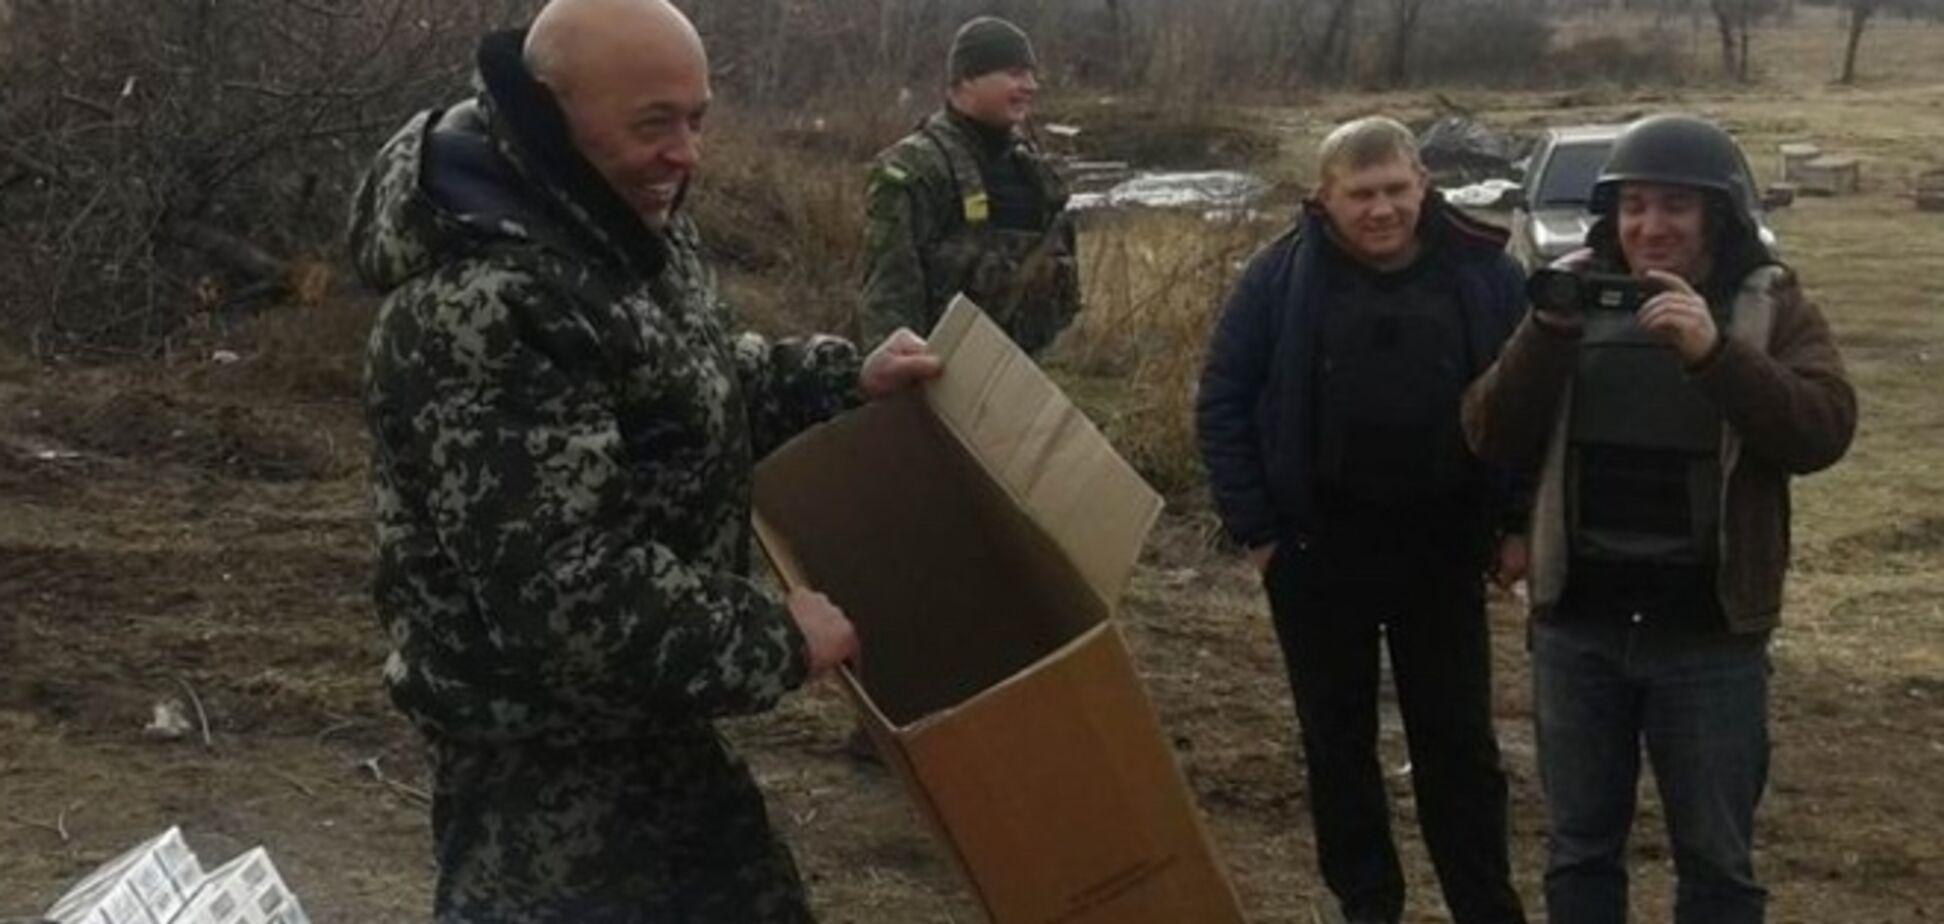 На Луганщине террористы обстреляли село во время раздачи гуманитарной помощи